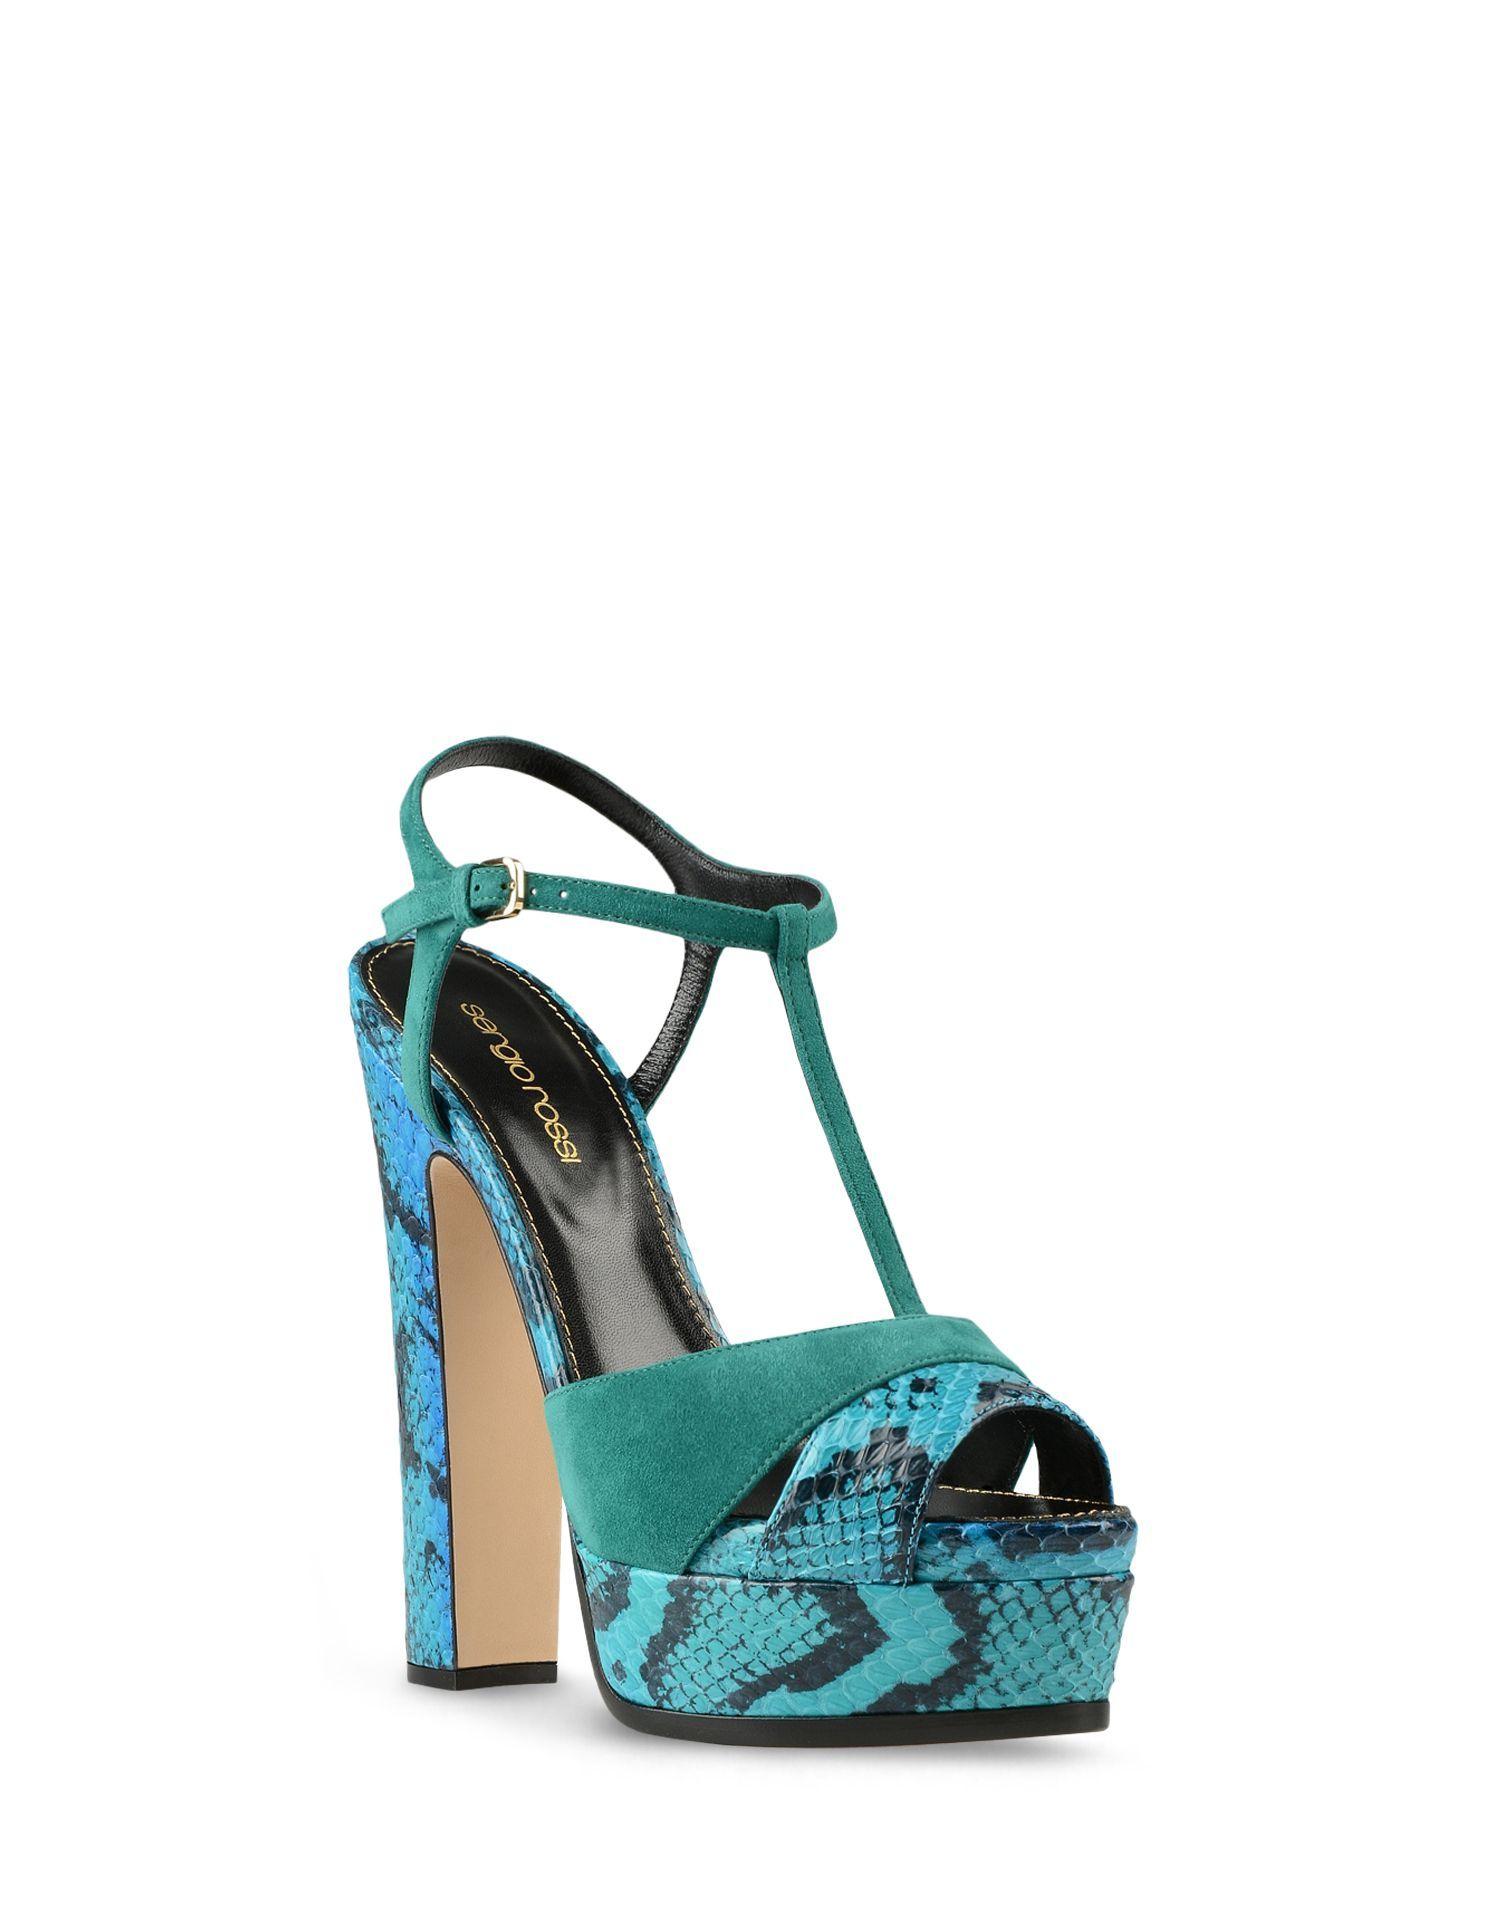 c424f624cc12b Sandali Donna - Calzature Donna su SERGIO ROSSI Online Store